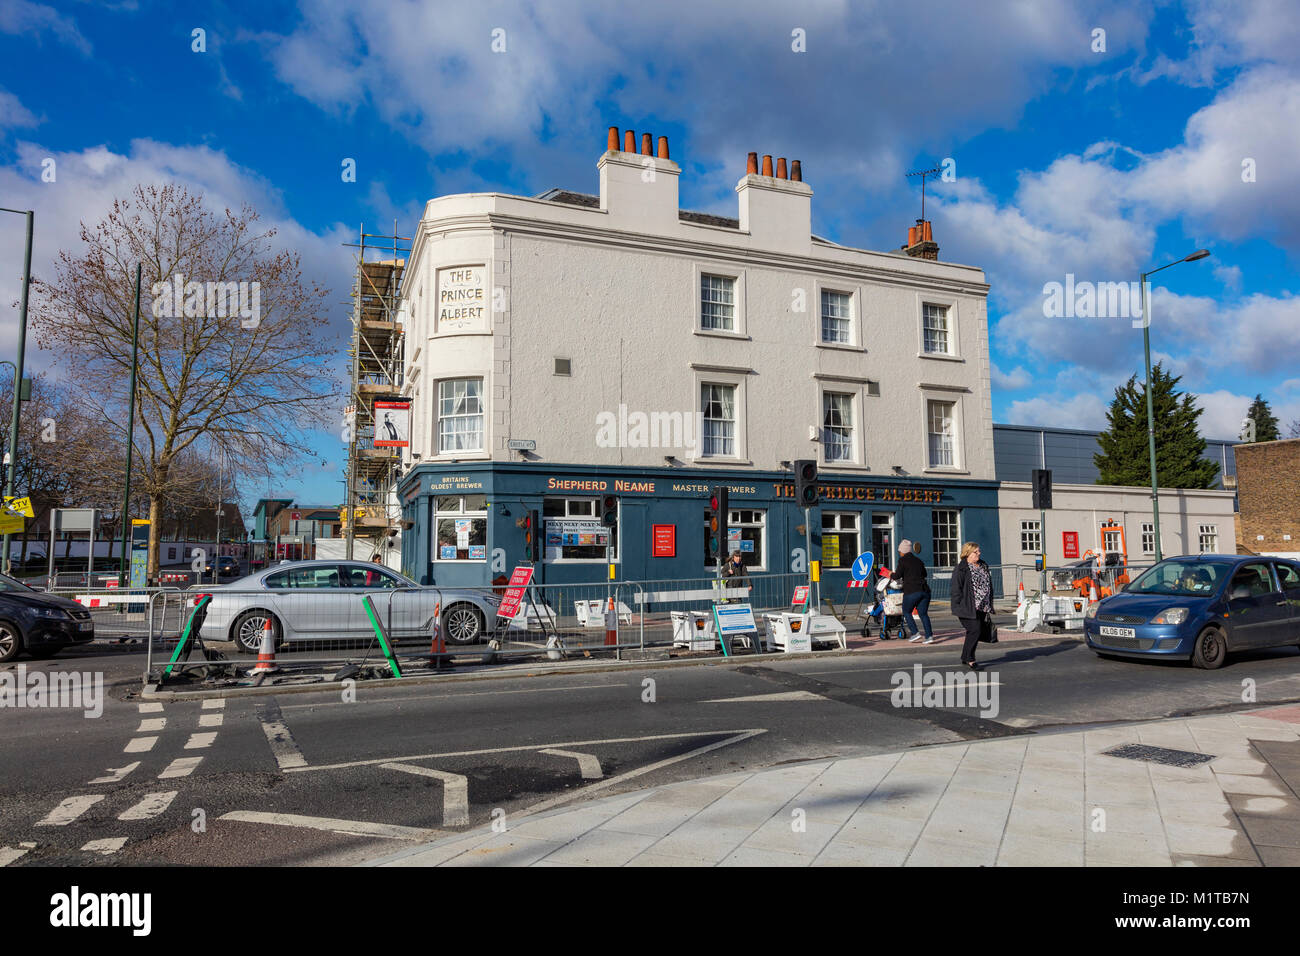 Il Prince Albert pub in Bexleyheath centro città, London Borough of Bexley, Regno Unito Immagini Stock